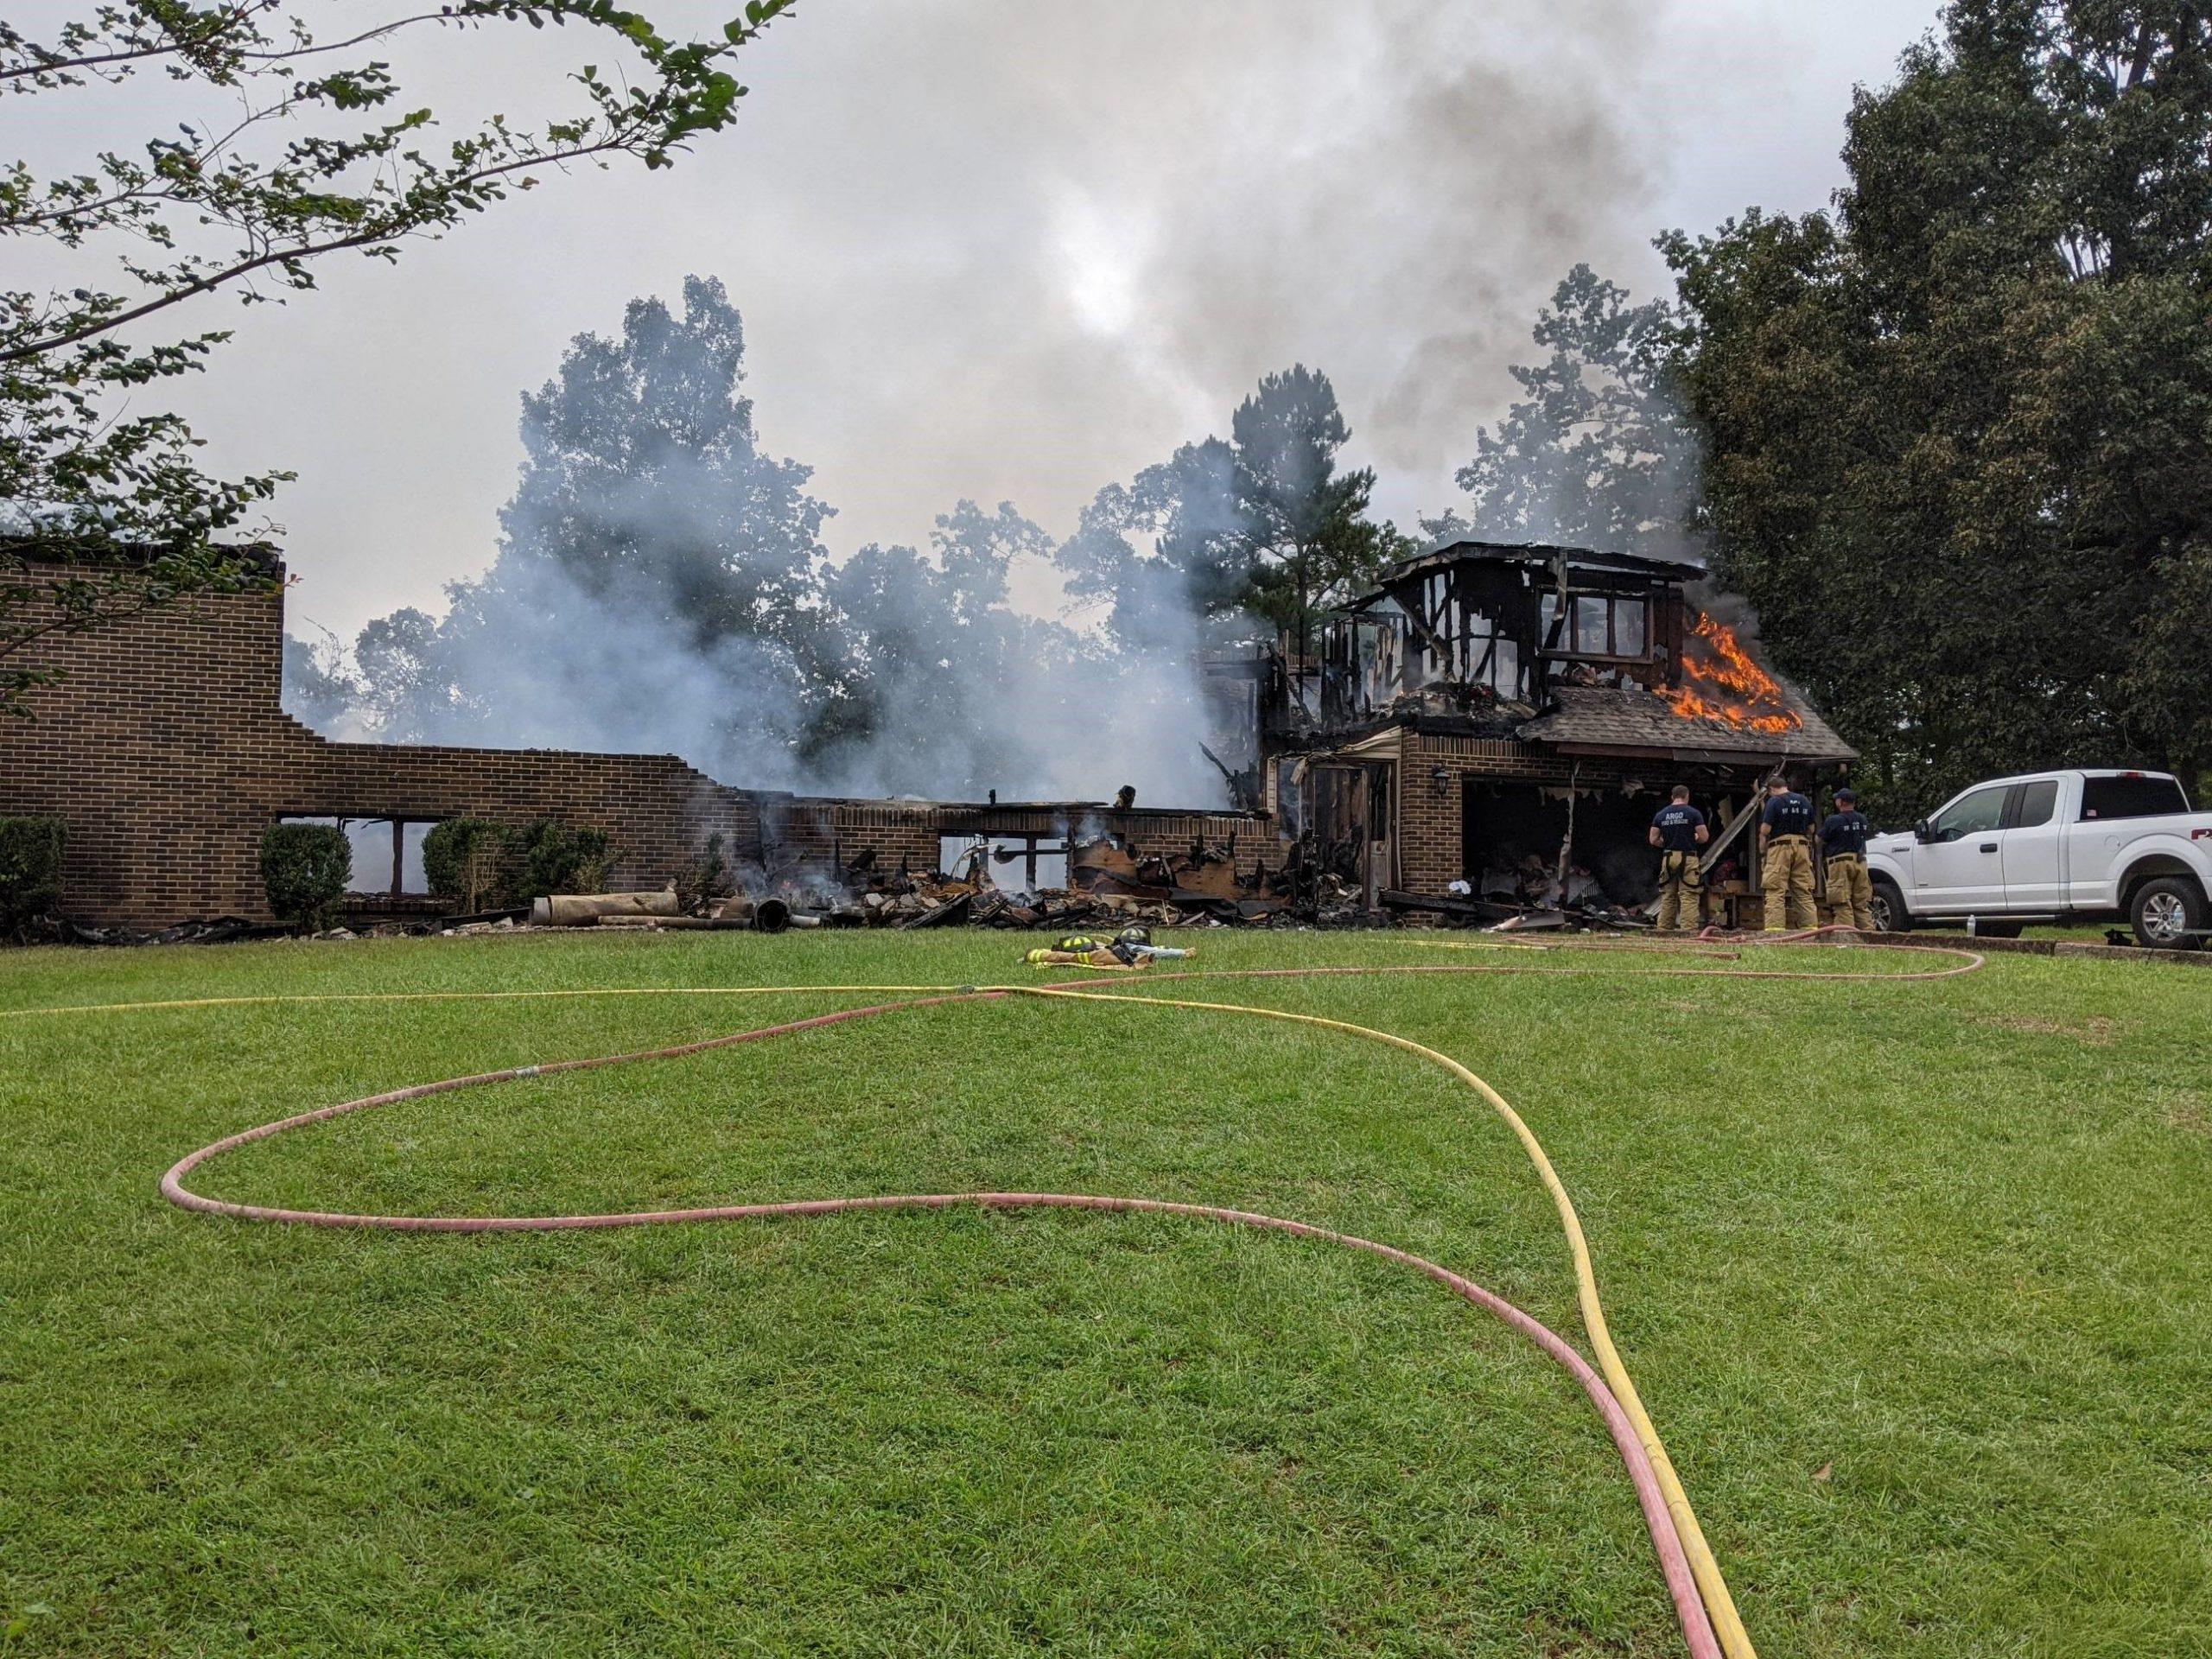 Argo Fire Department battles fire that destroys home